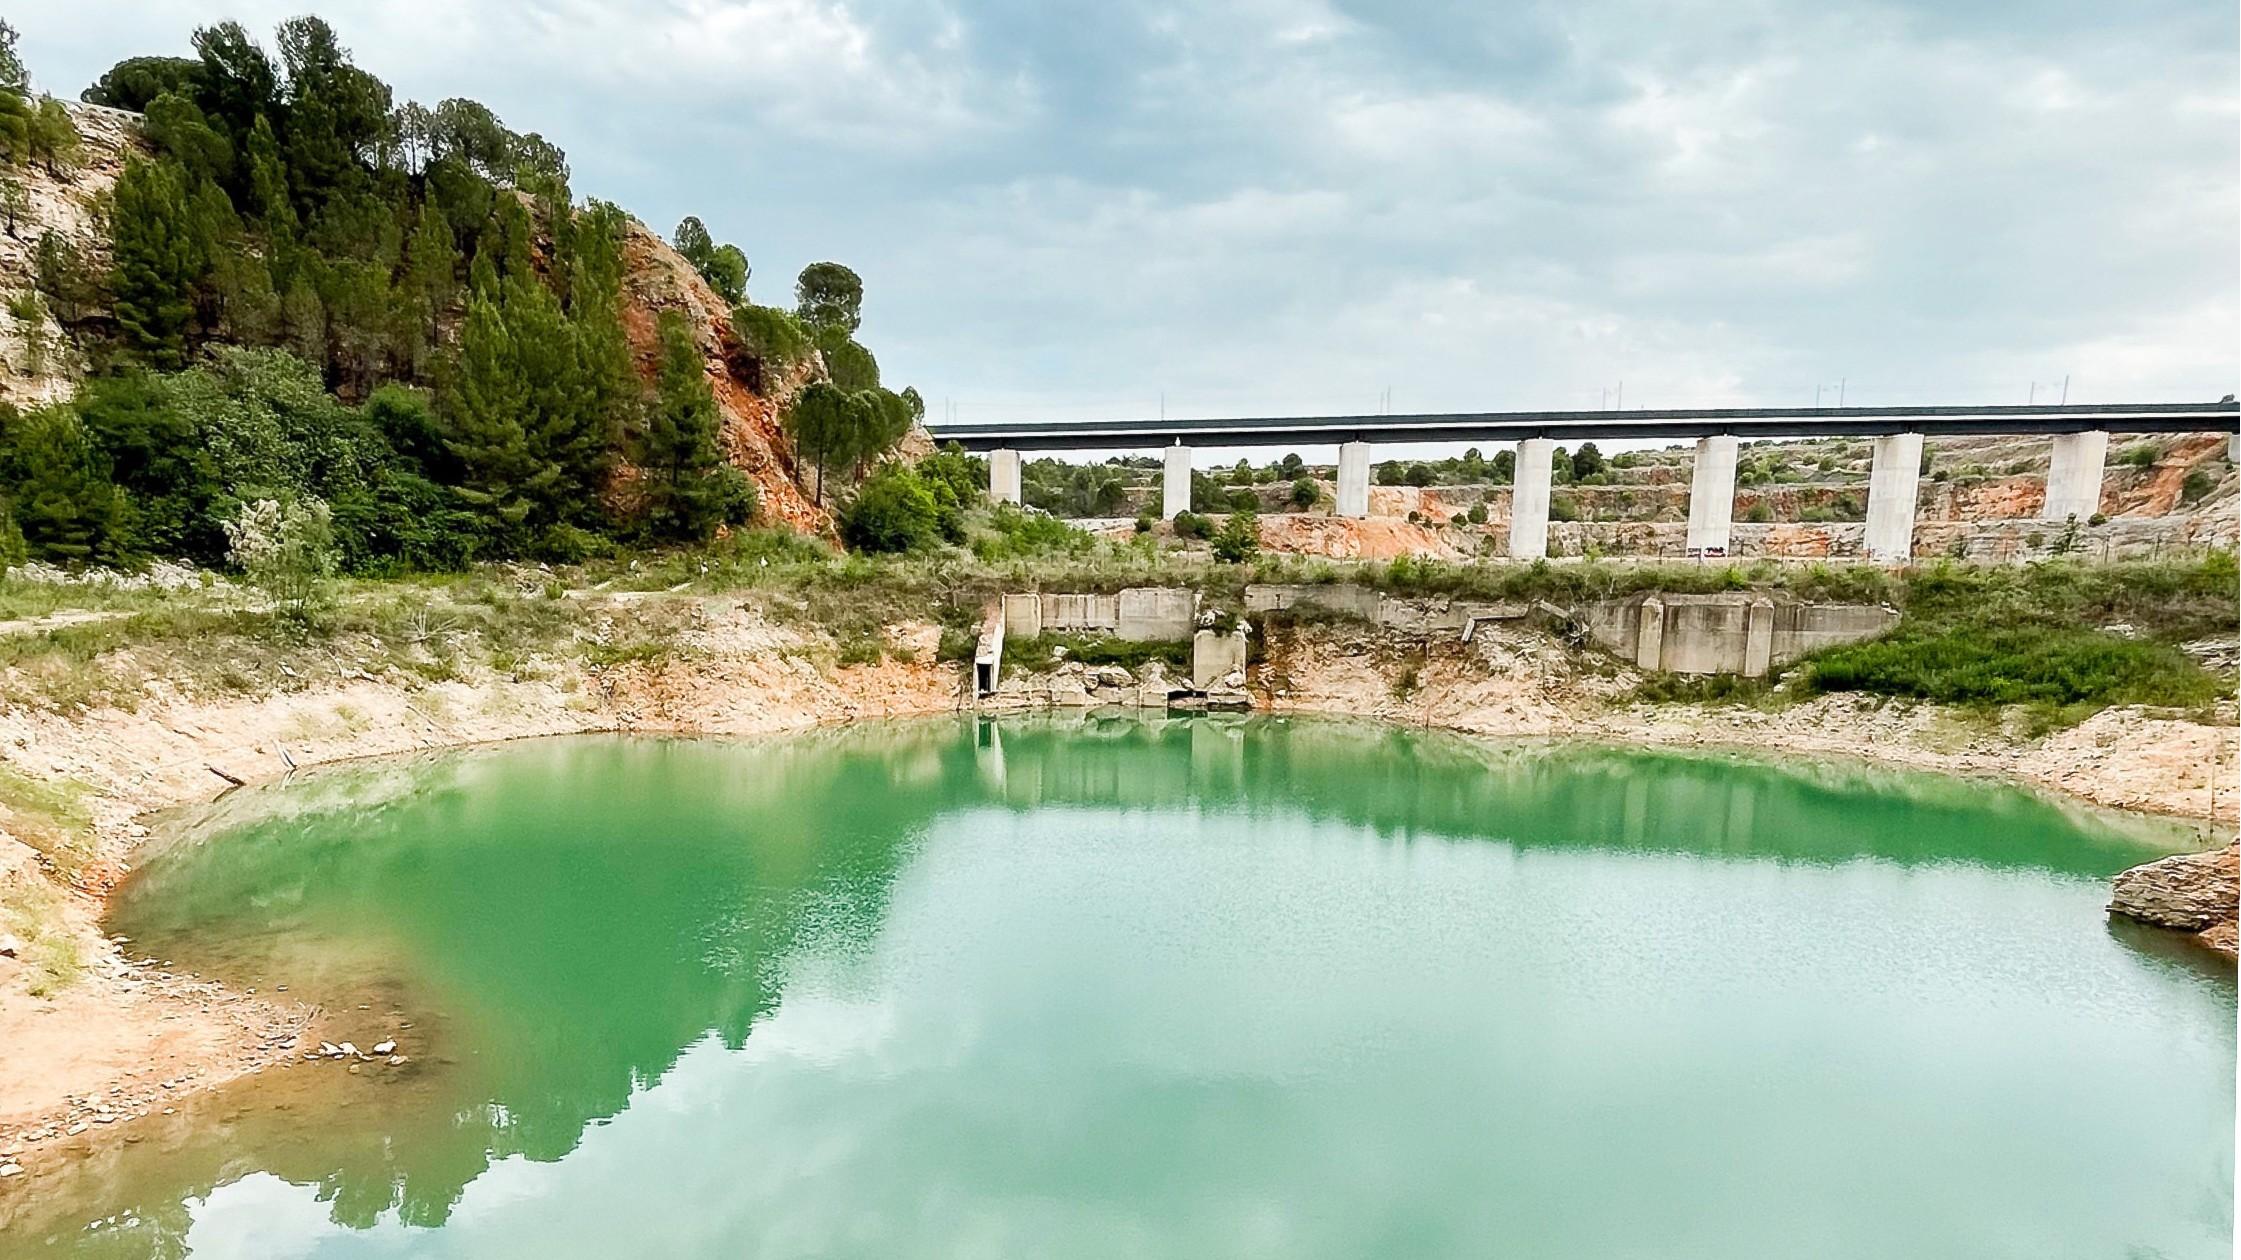 Laghetto di Modugno, ubicato in provincia di Bari (Puglia)